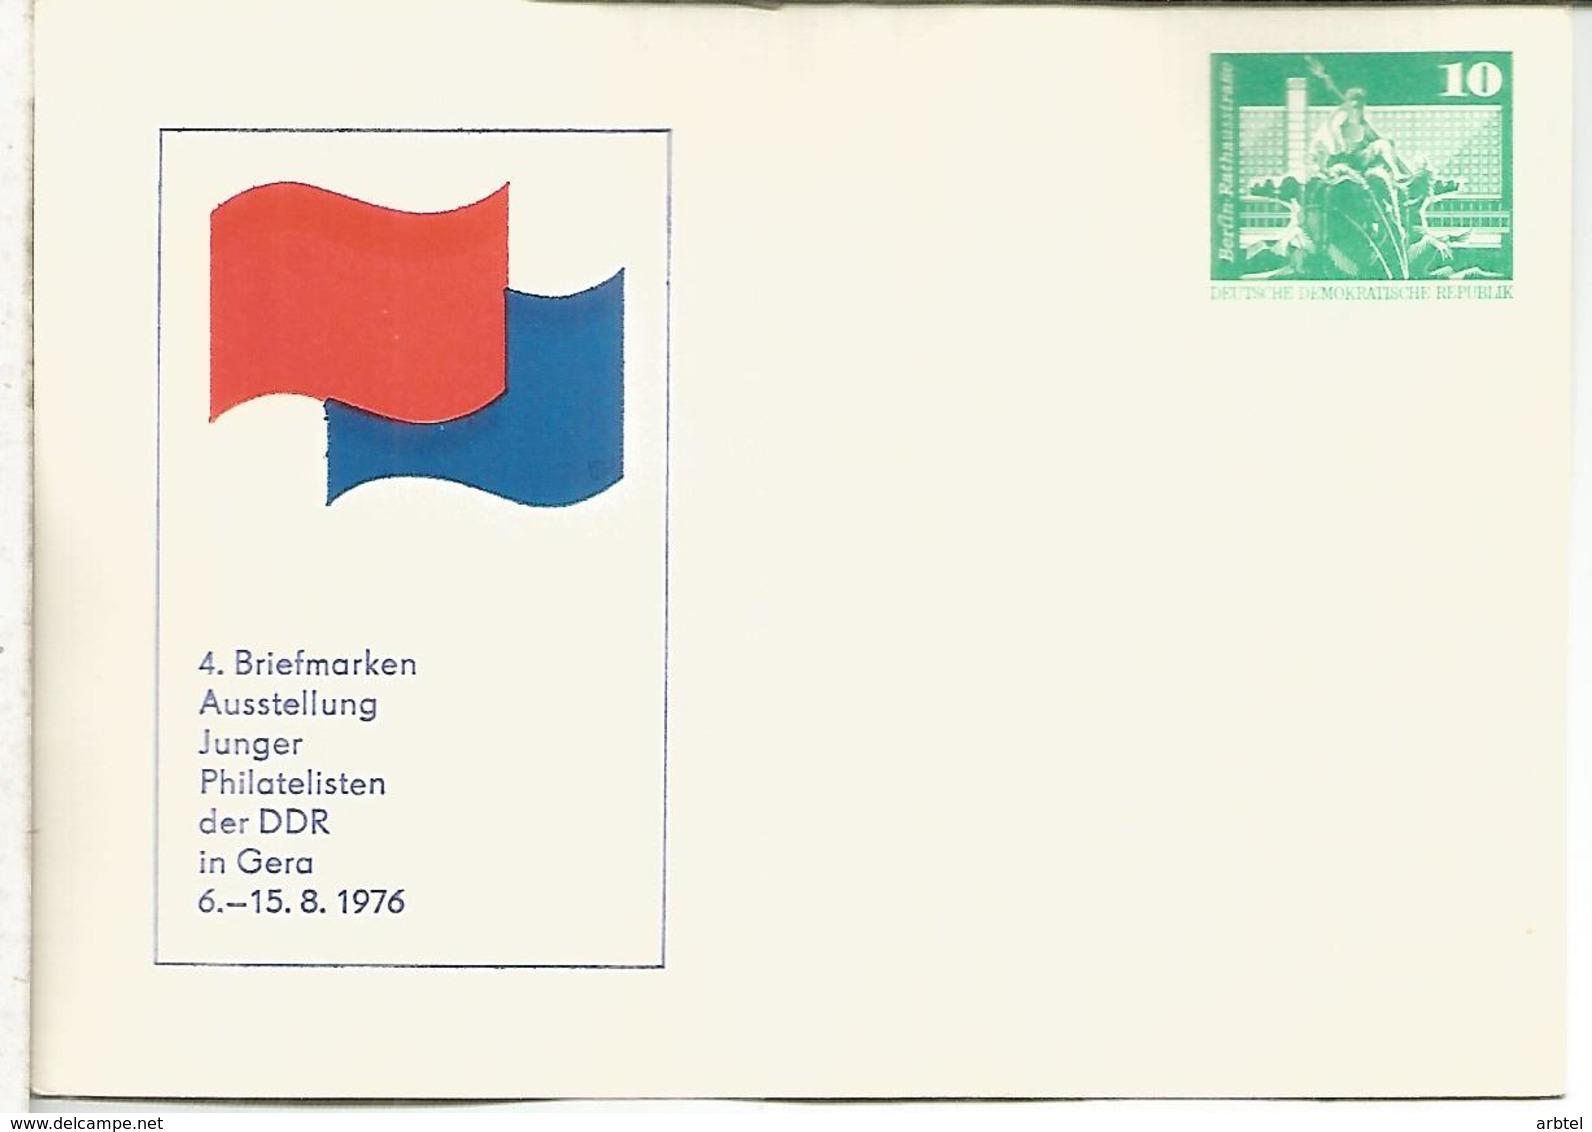 ALEMANIA DDR ENTERO POSTAL EXPOSICION GERA 1976 - [6] República Democrática